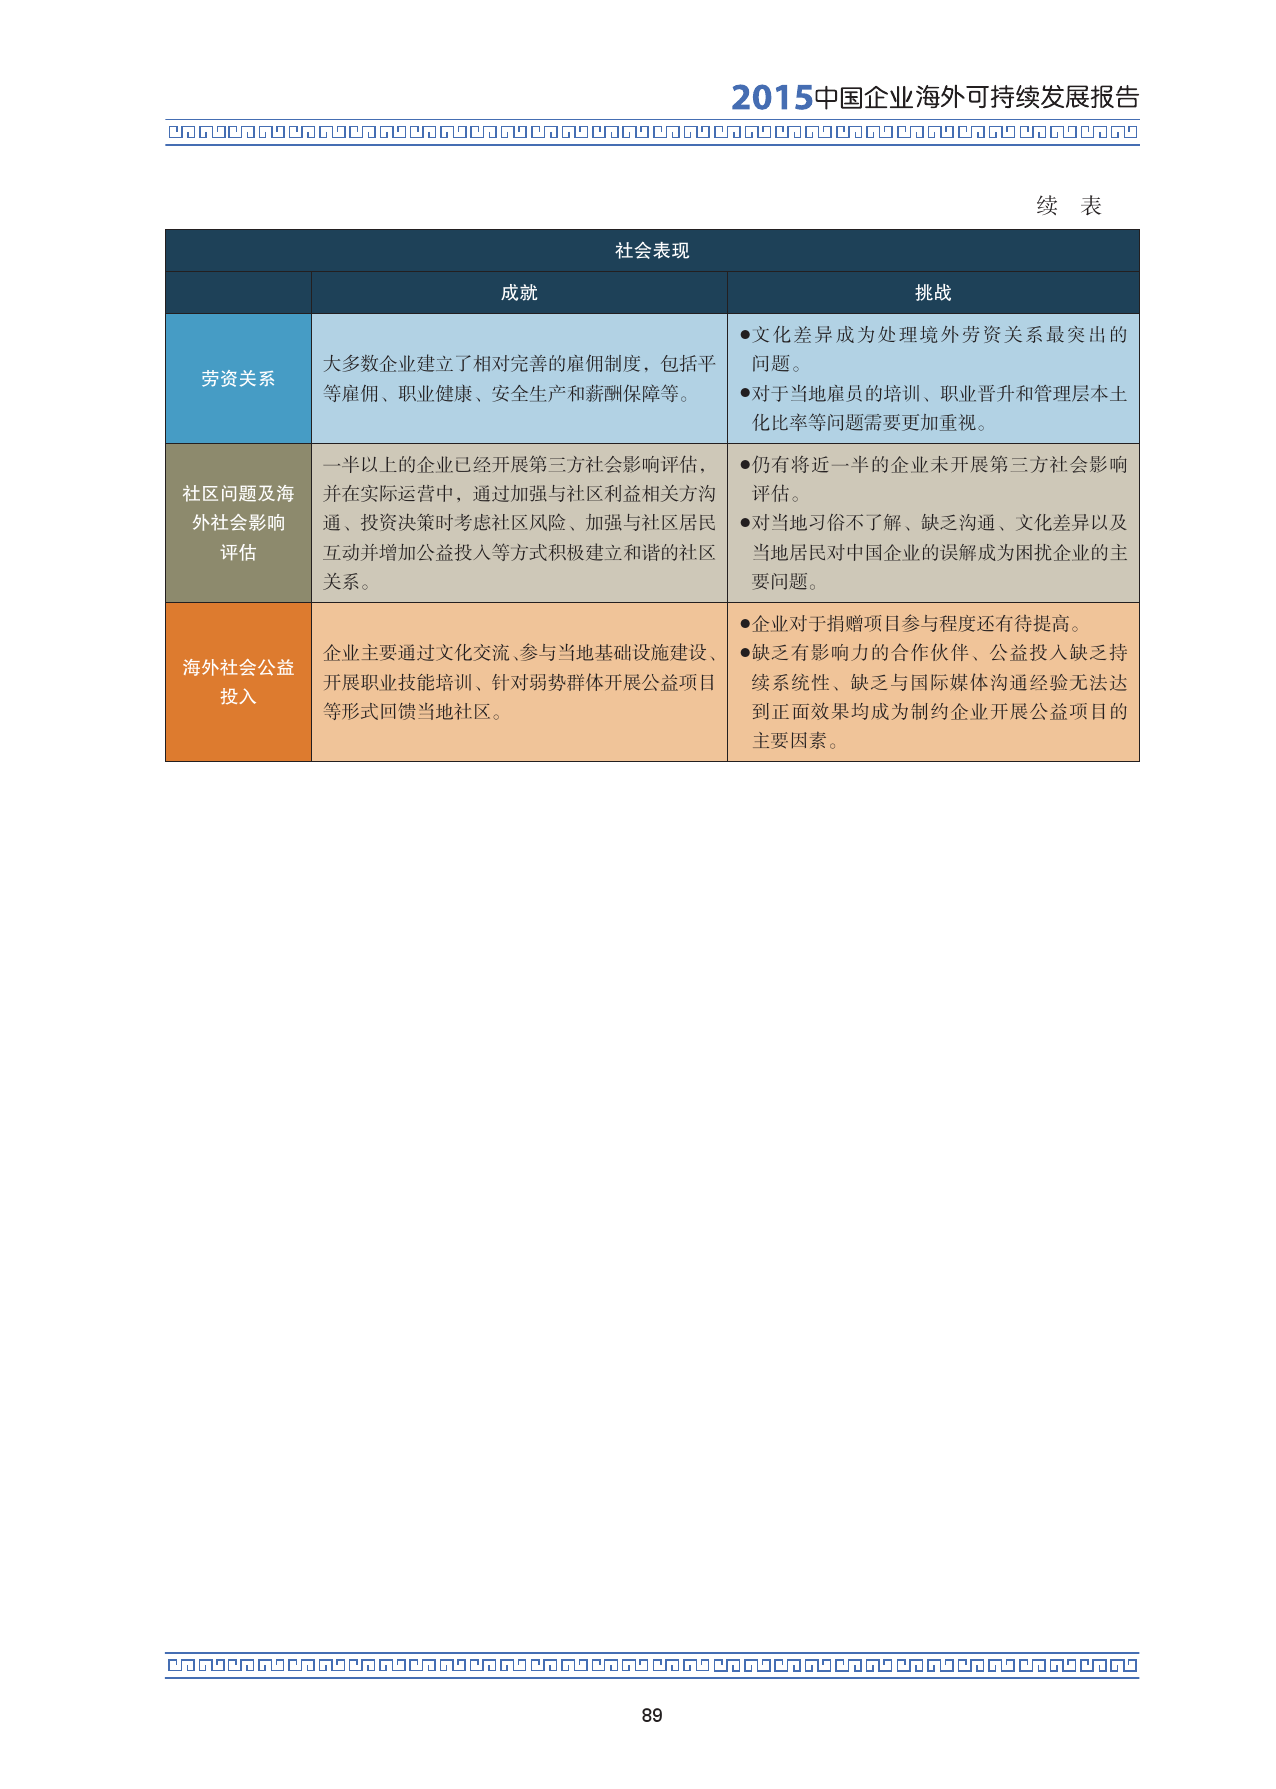 2015中国企业海外可持续发展报告_000103